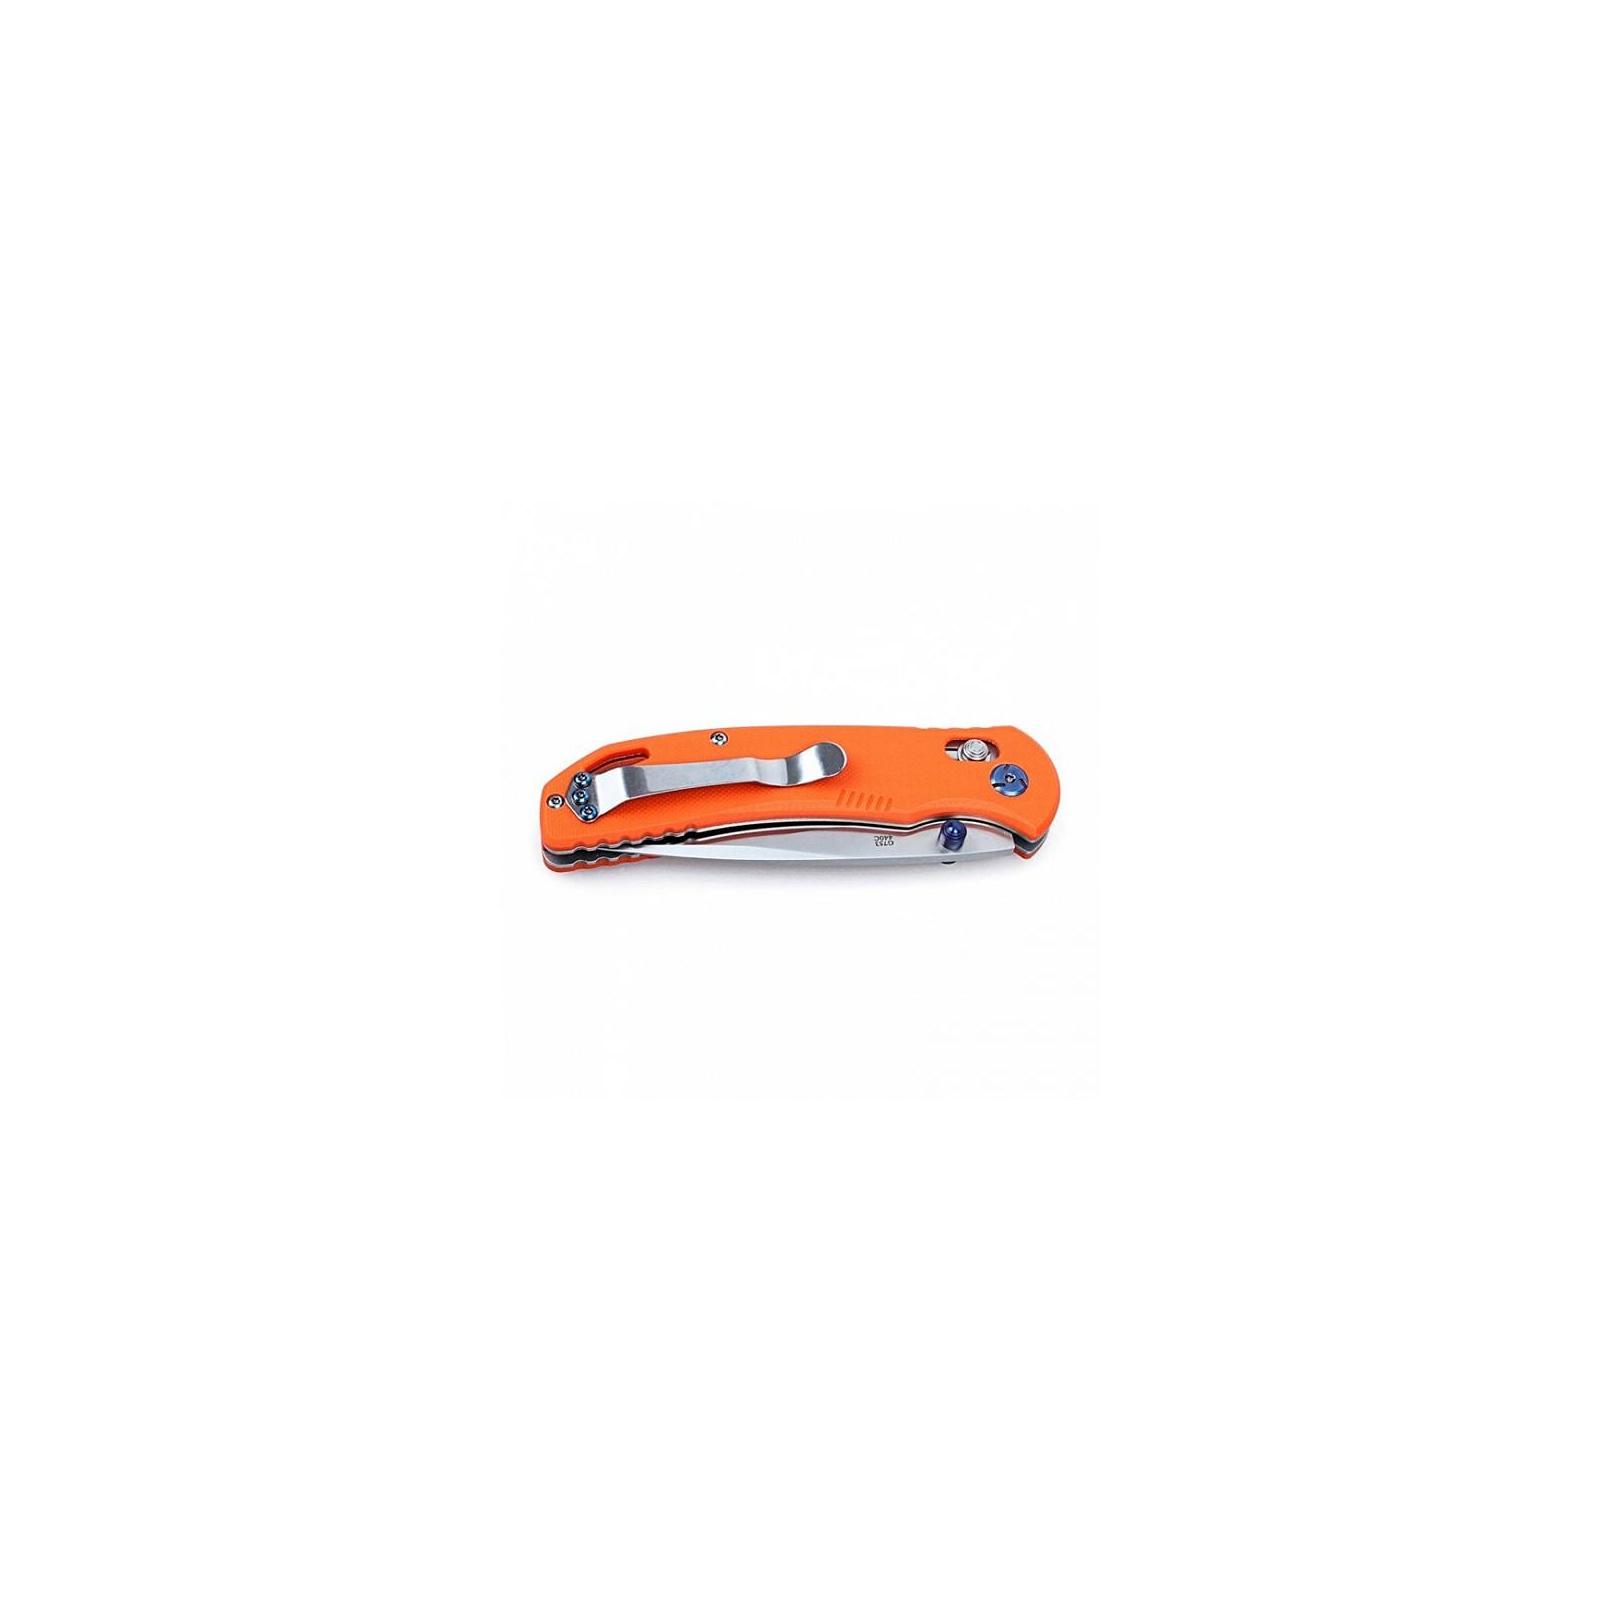 Нож Ganzo G7531-GR изображение 6